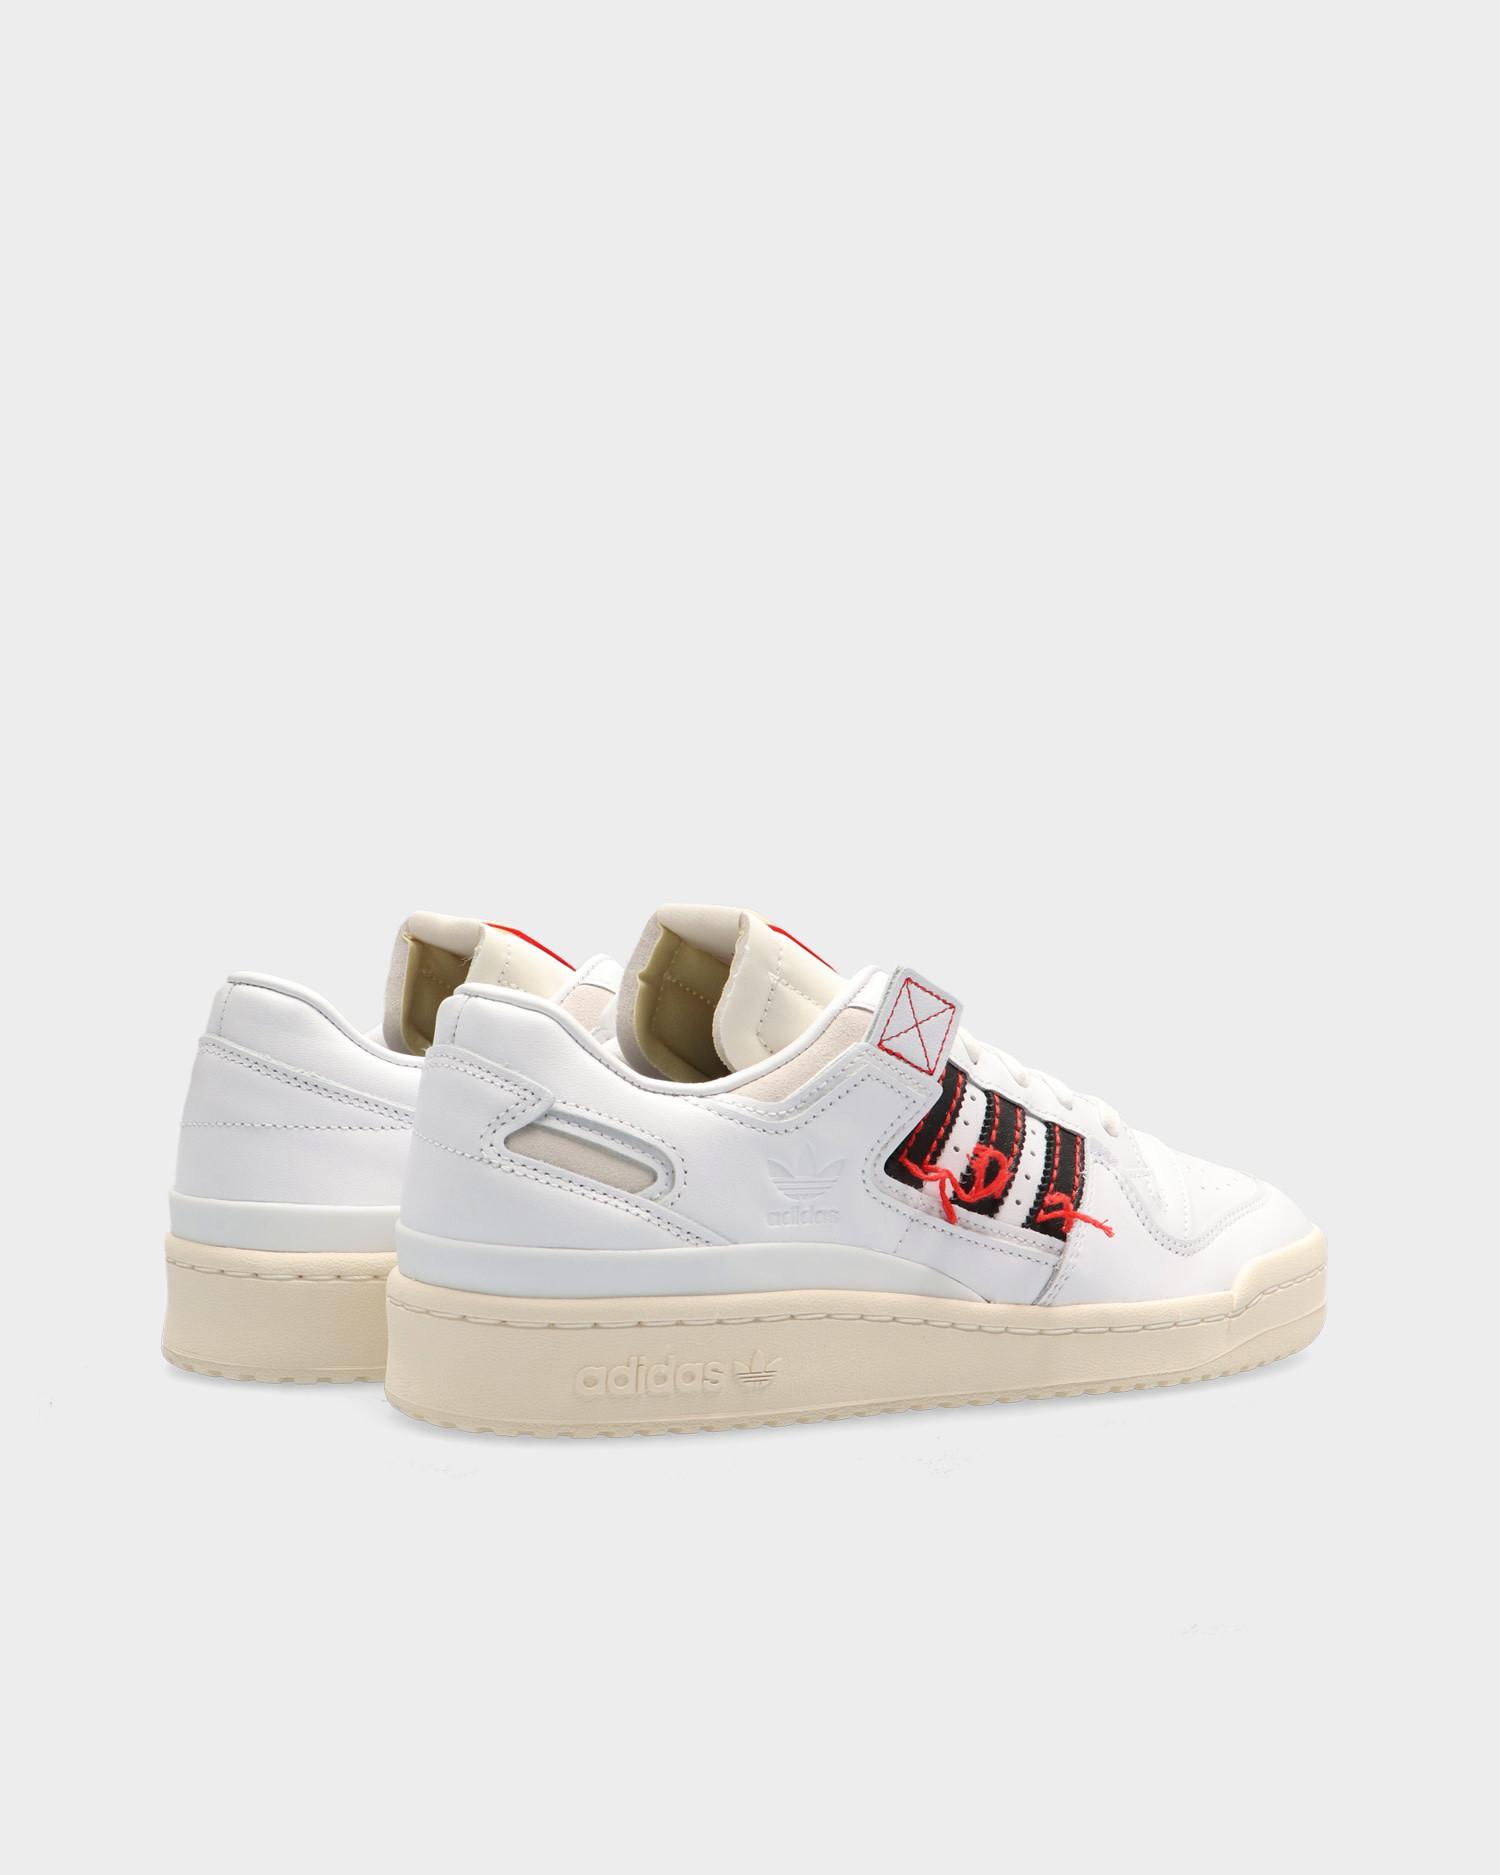 Adidas Forum 84 Low Ftwwht/Cblack/Easyel